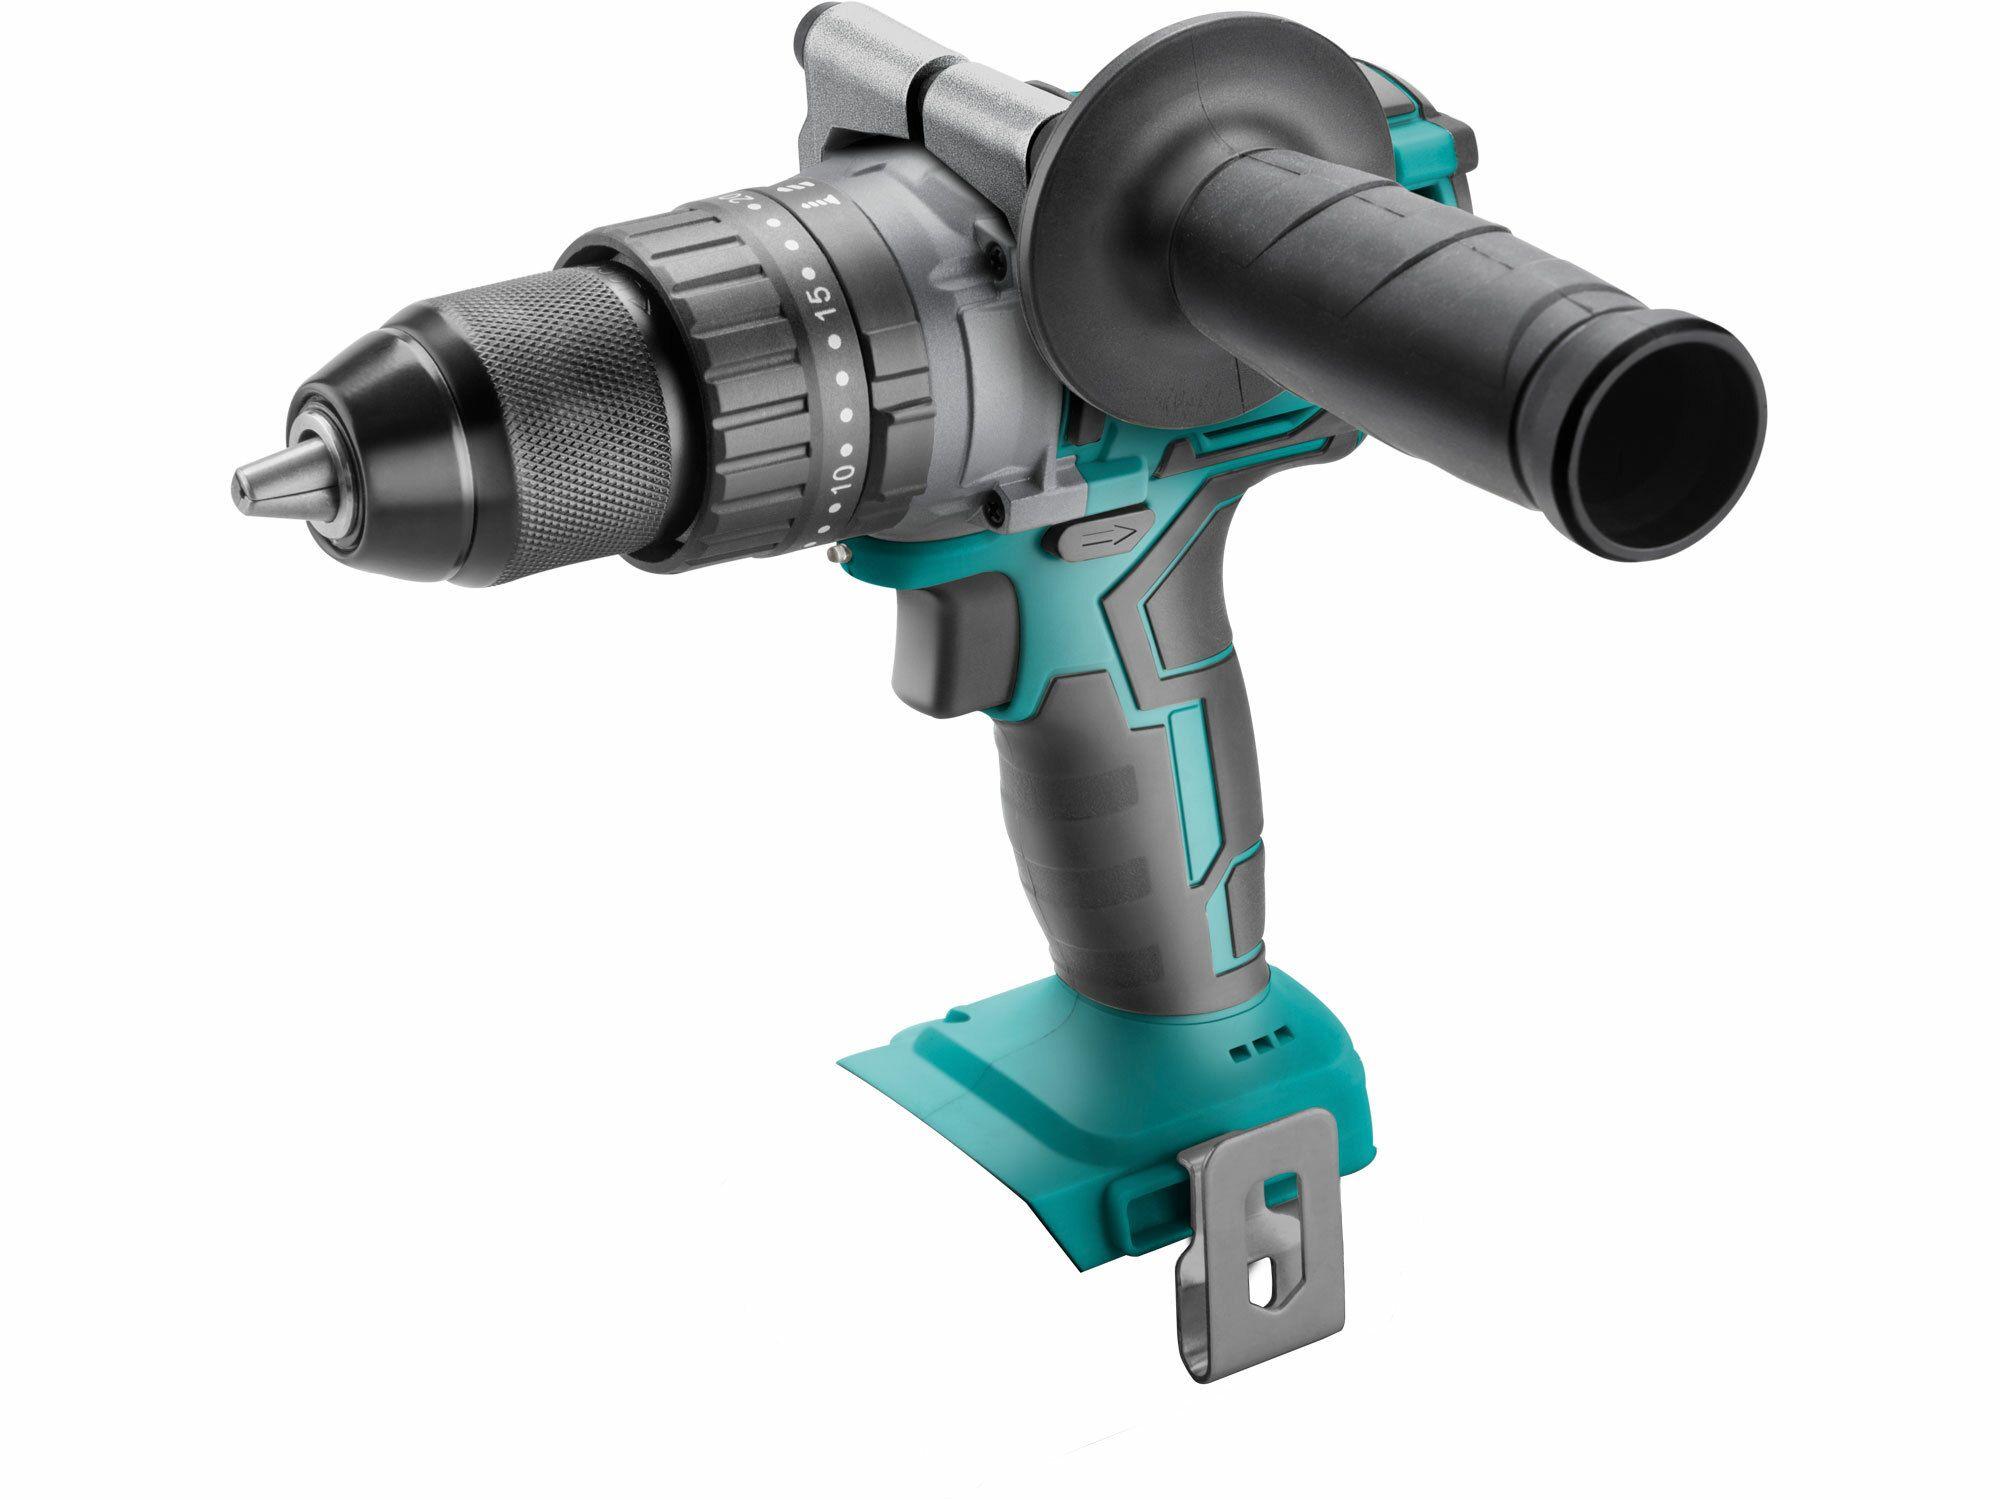 Vrtací šroubovák aku s příkl, 20V Li-Ion, bez baterie a nabíječky,EXTOL SHARE20V BRUSHLESS